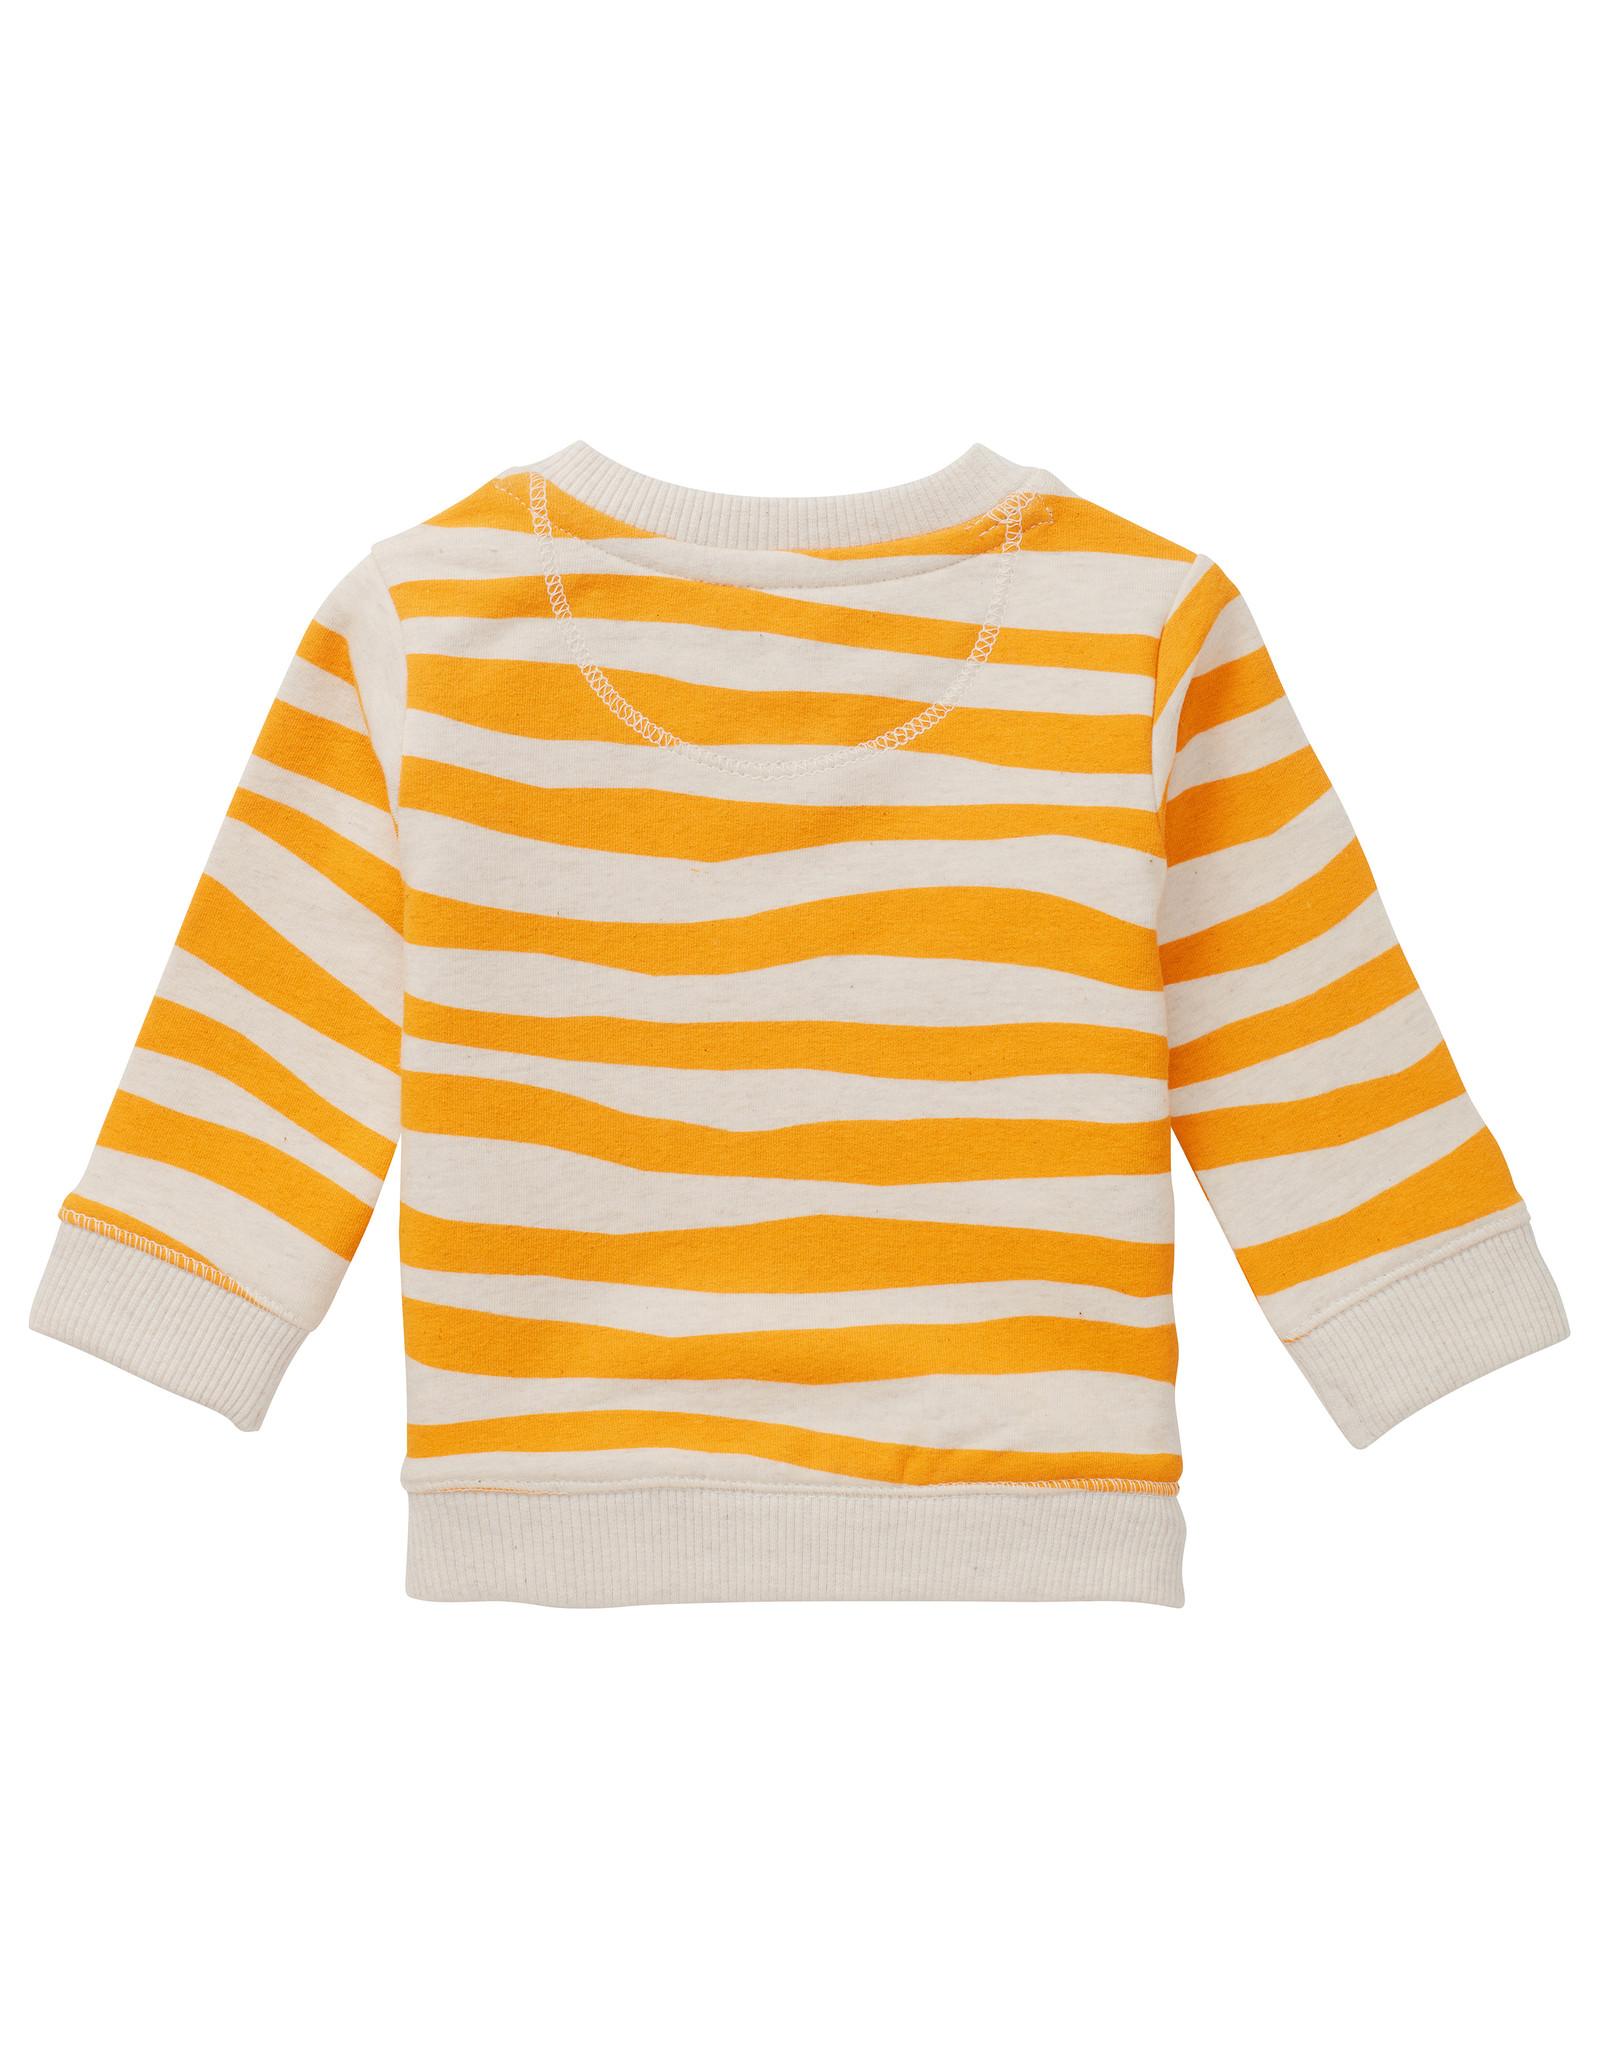 Noppies B Sweater Tullah Old Gold